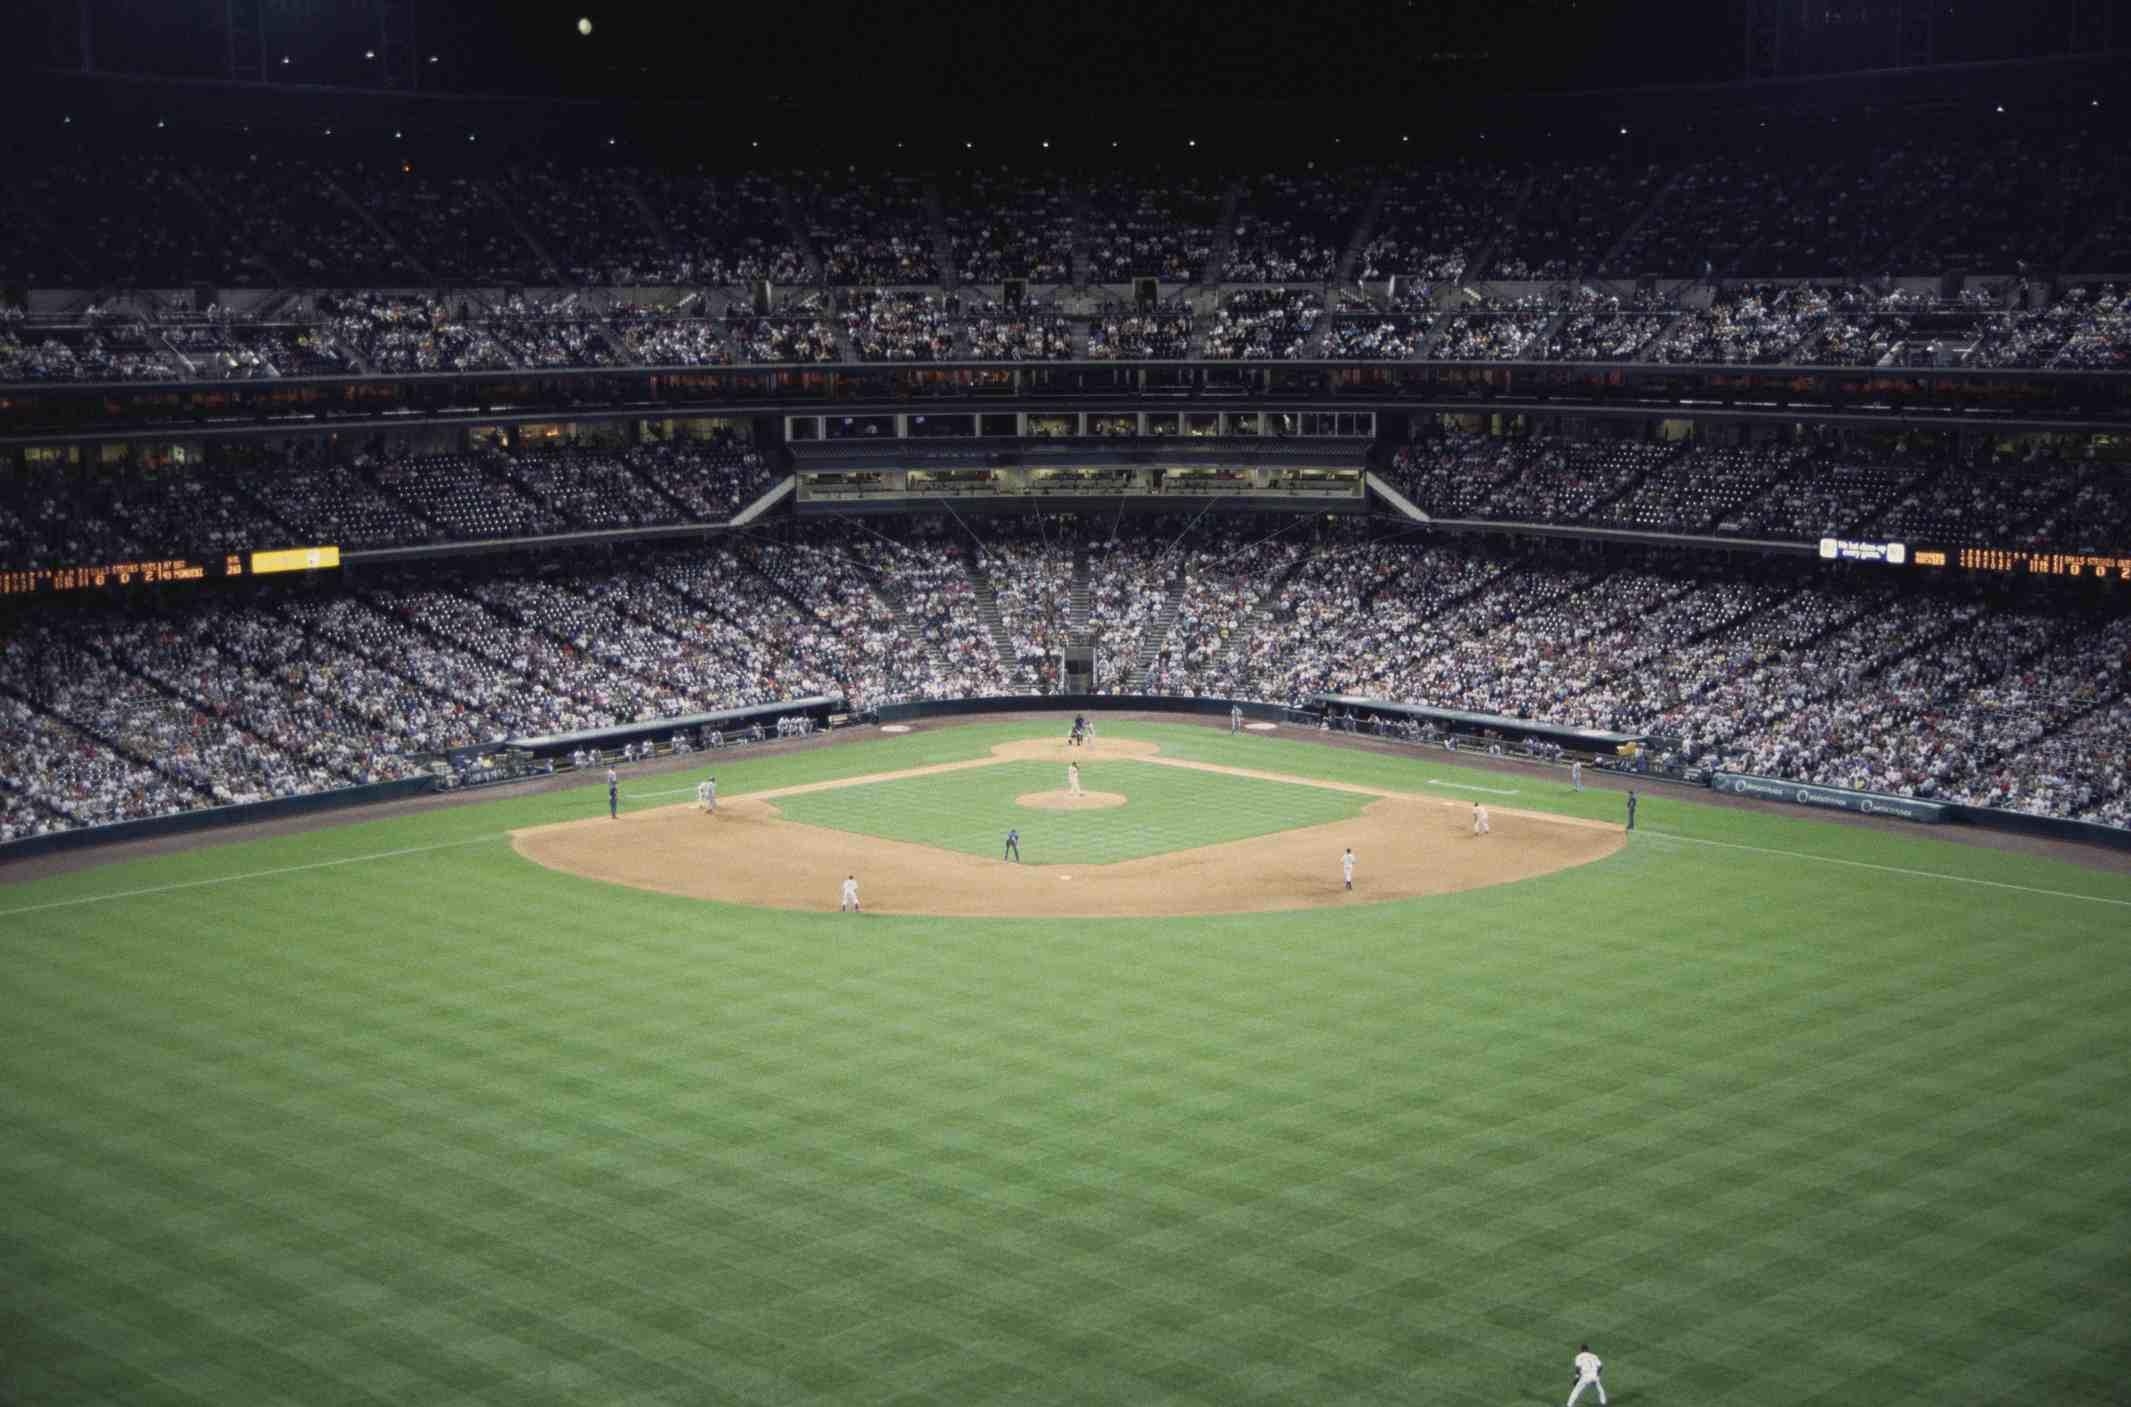 Wide angle shot of baseball